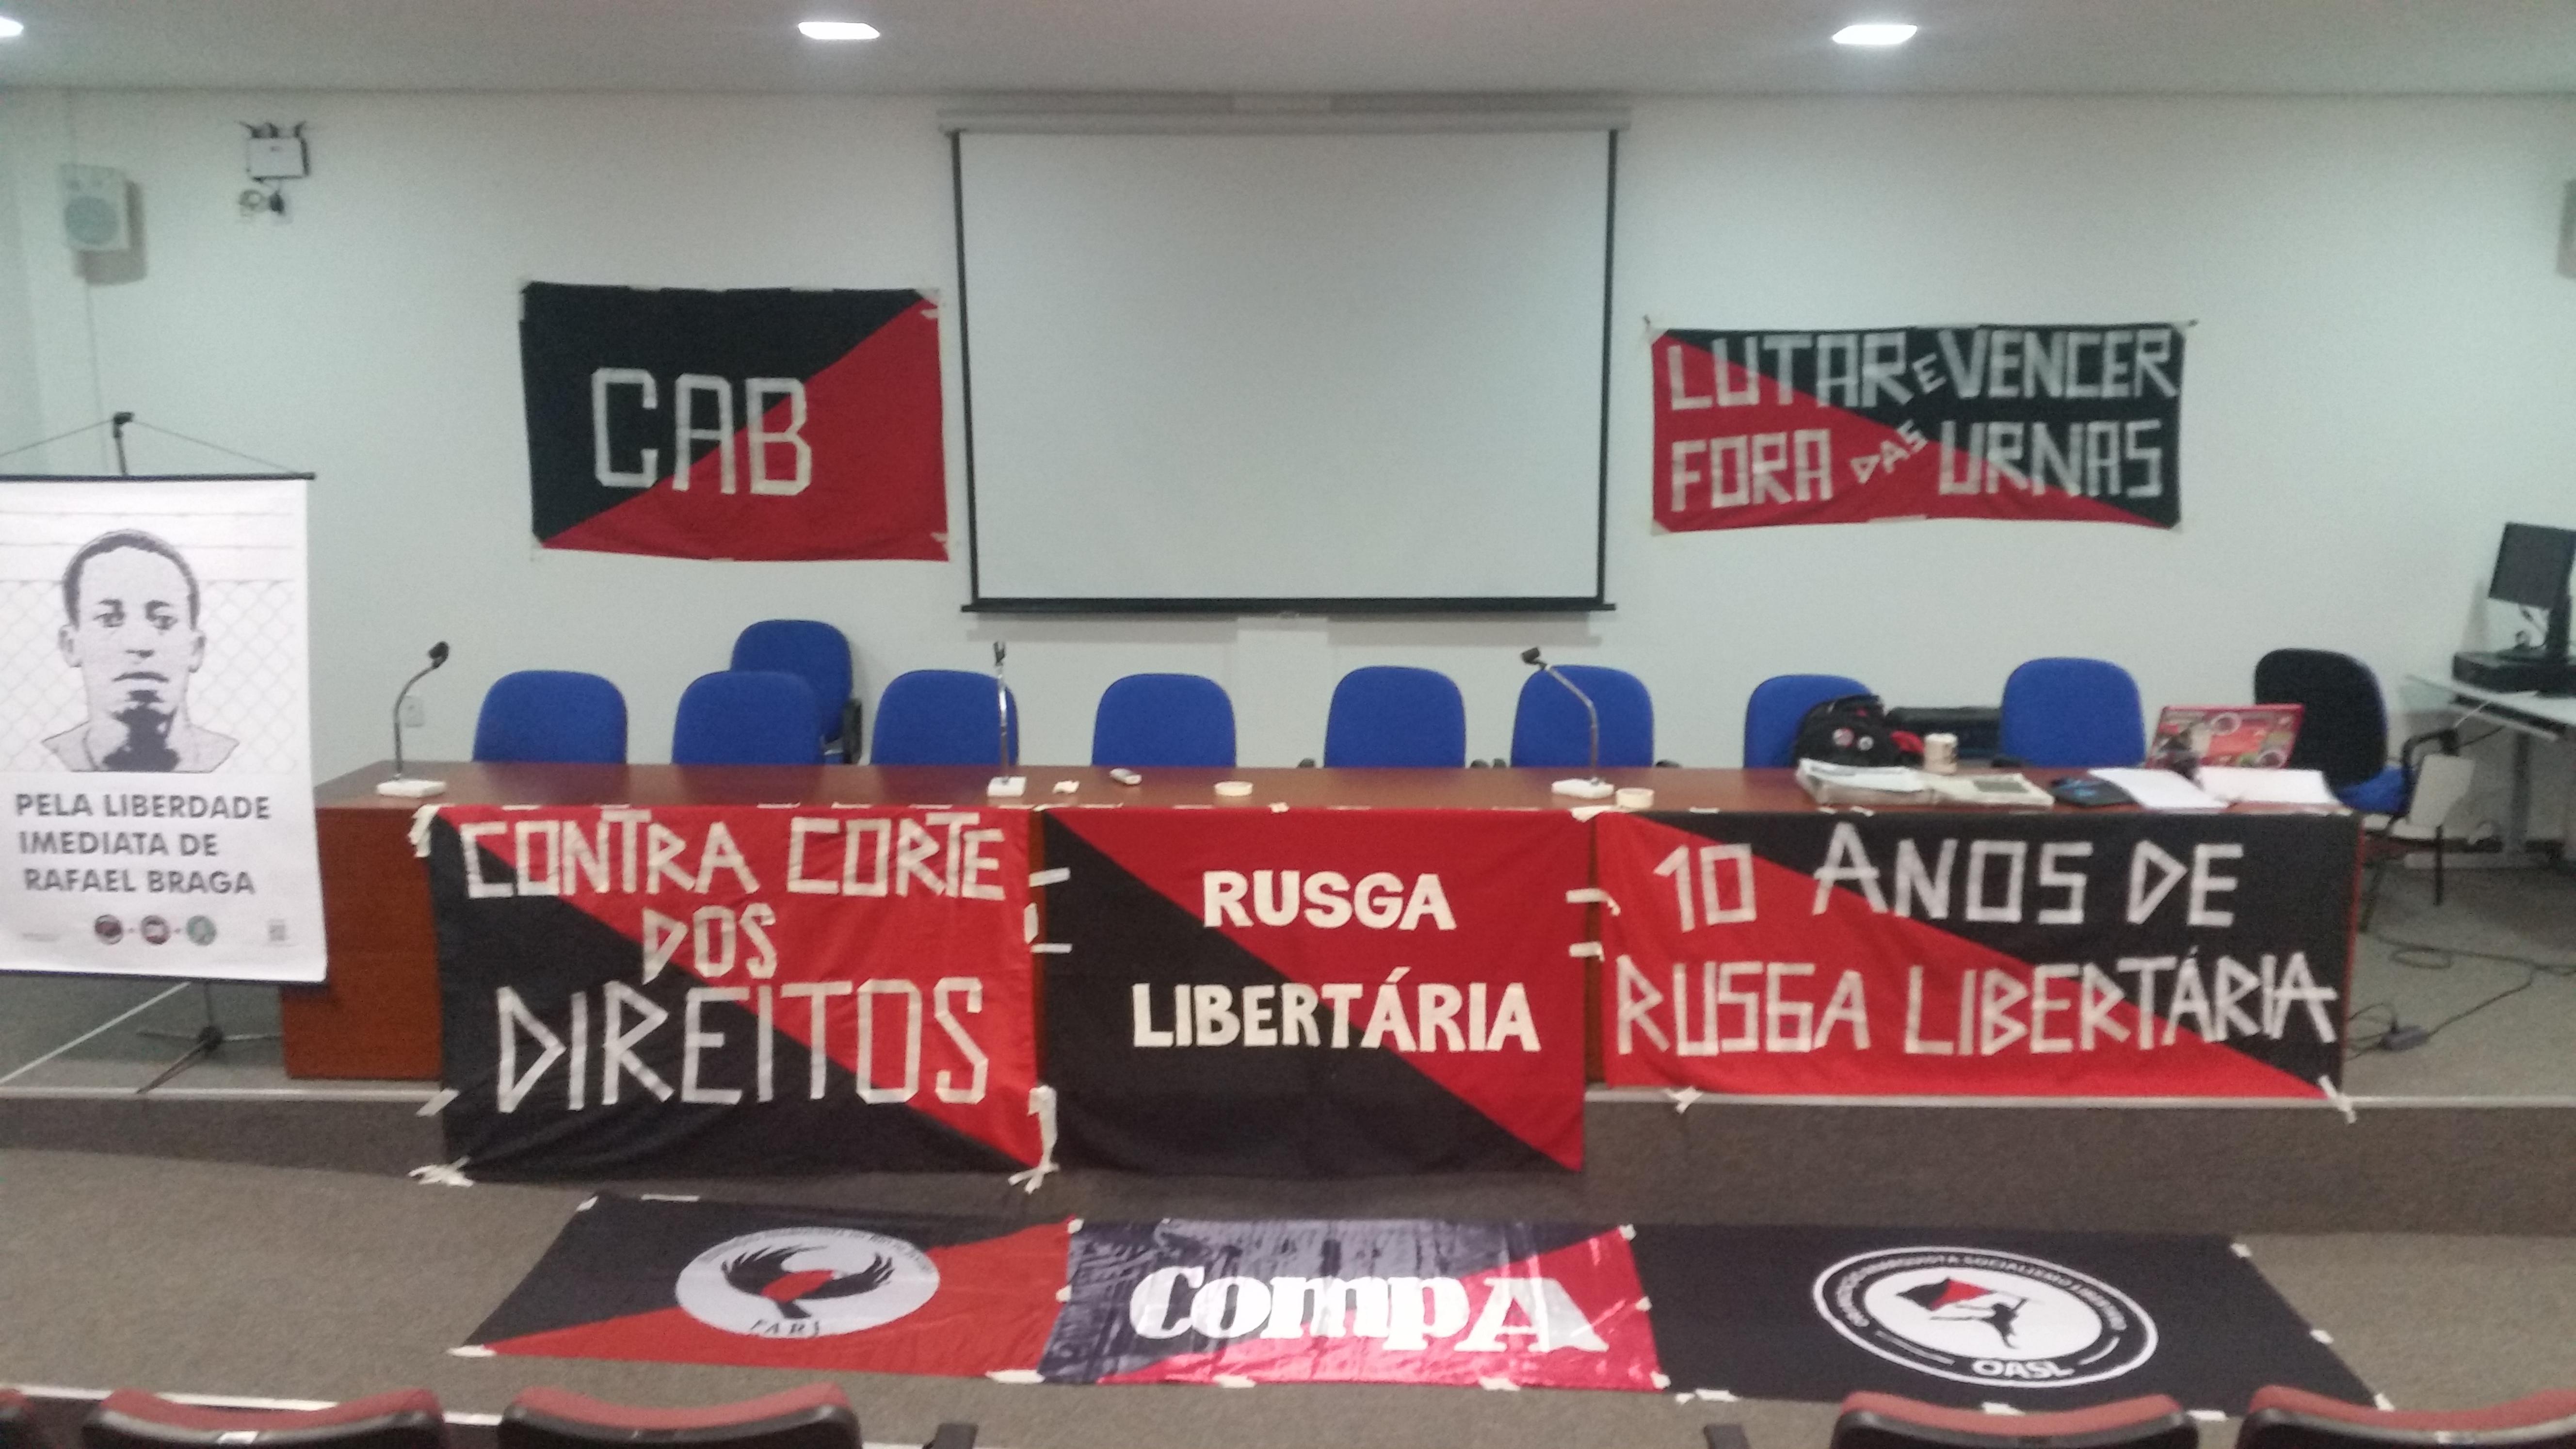 10 anos Rusga Libertária e 3° Encontro Regional Centro-oeste/Sudeste da CAB